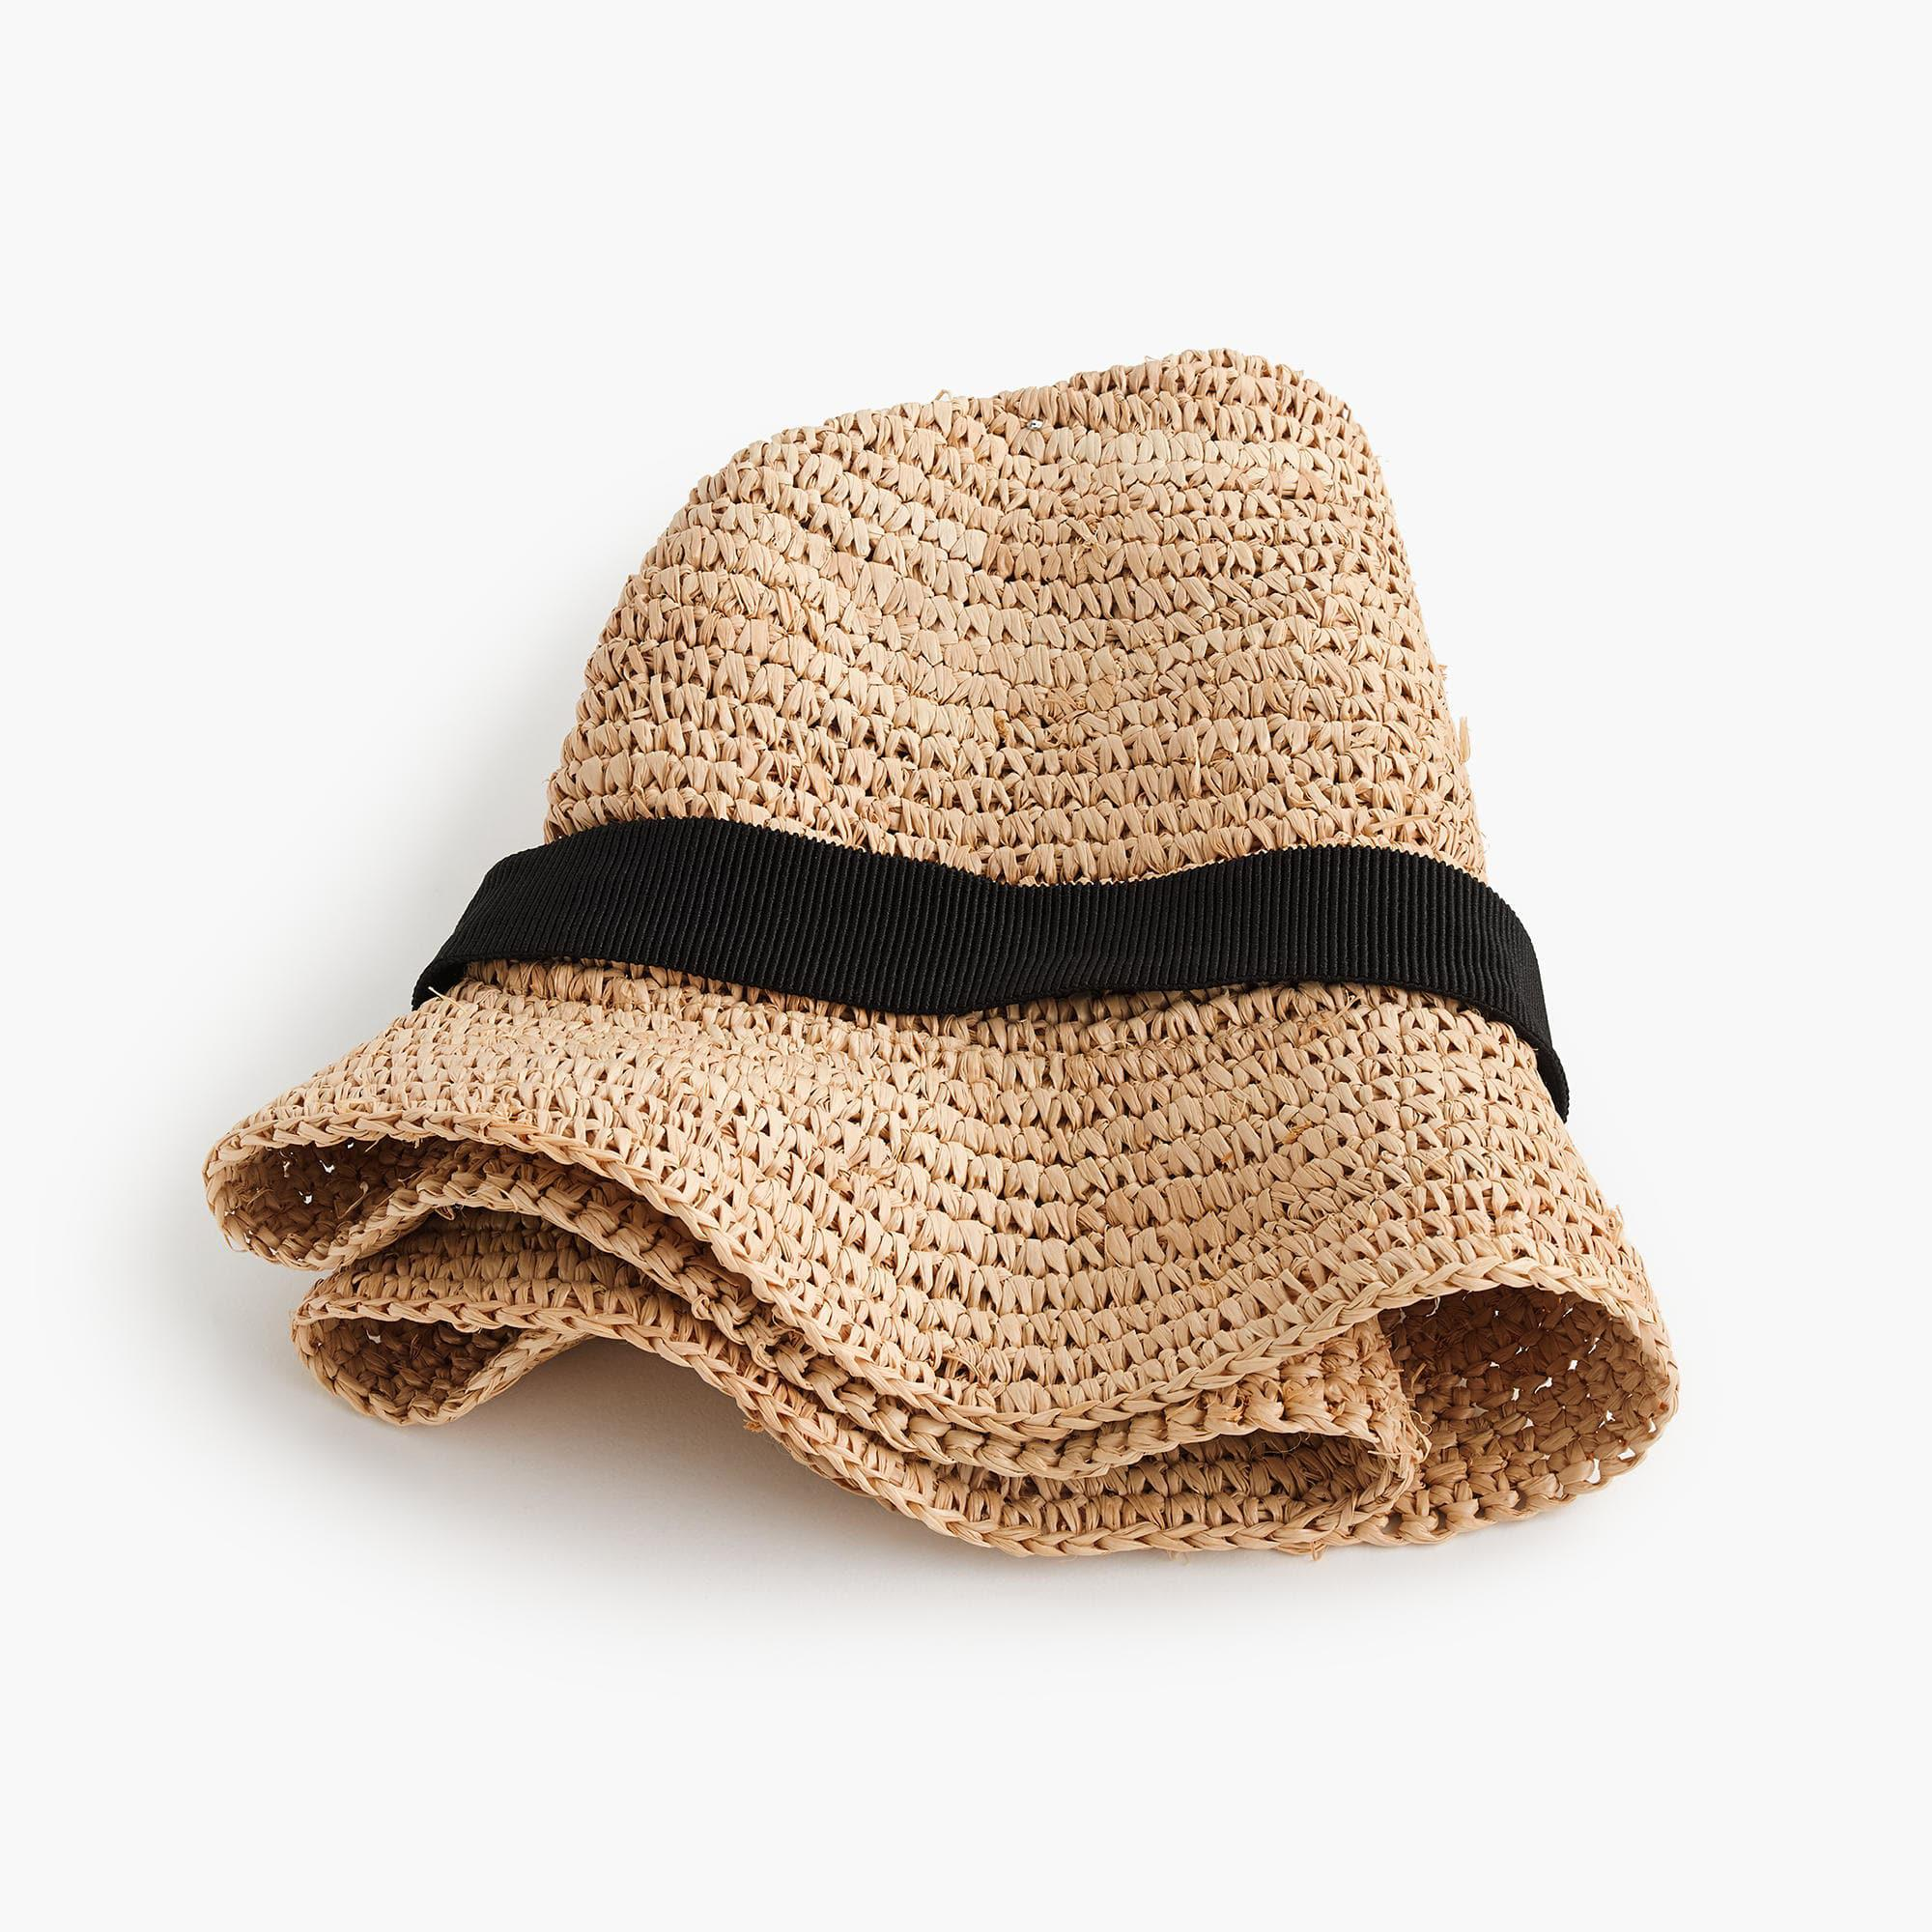 51af3af0181 ... Natural Packable Straw Hat - Lyst. View fullscreen